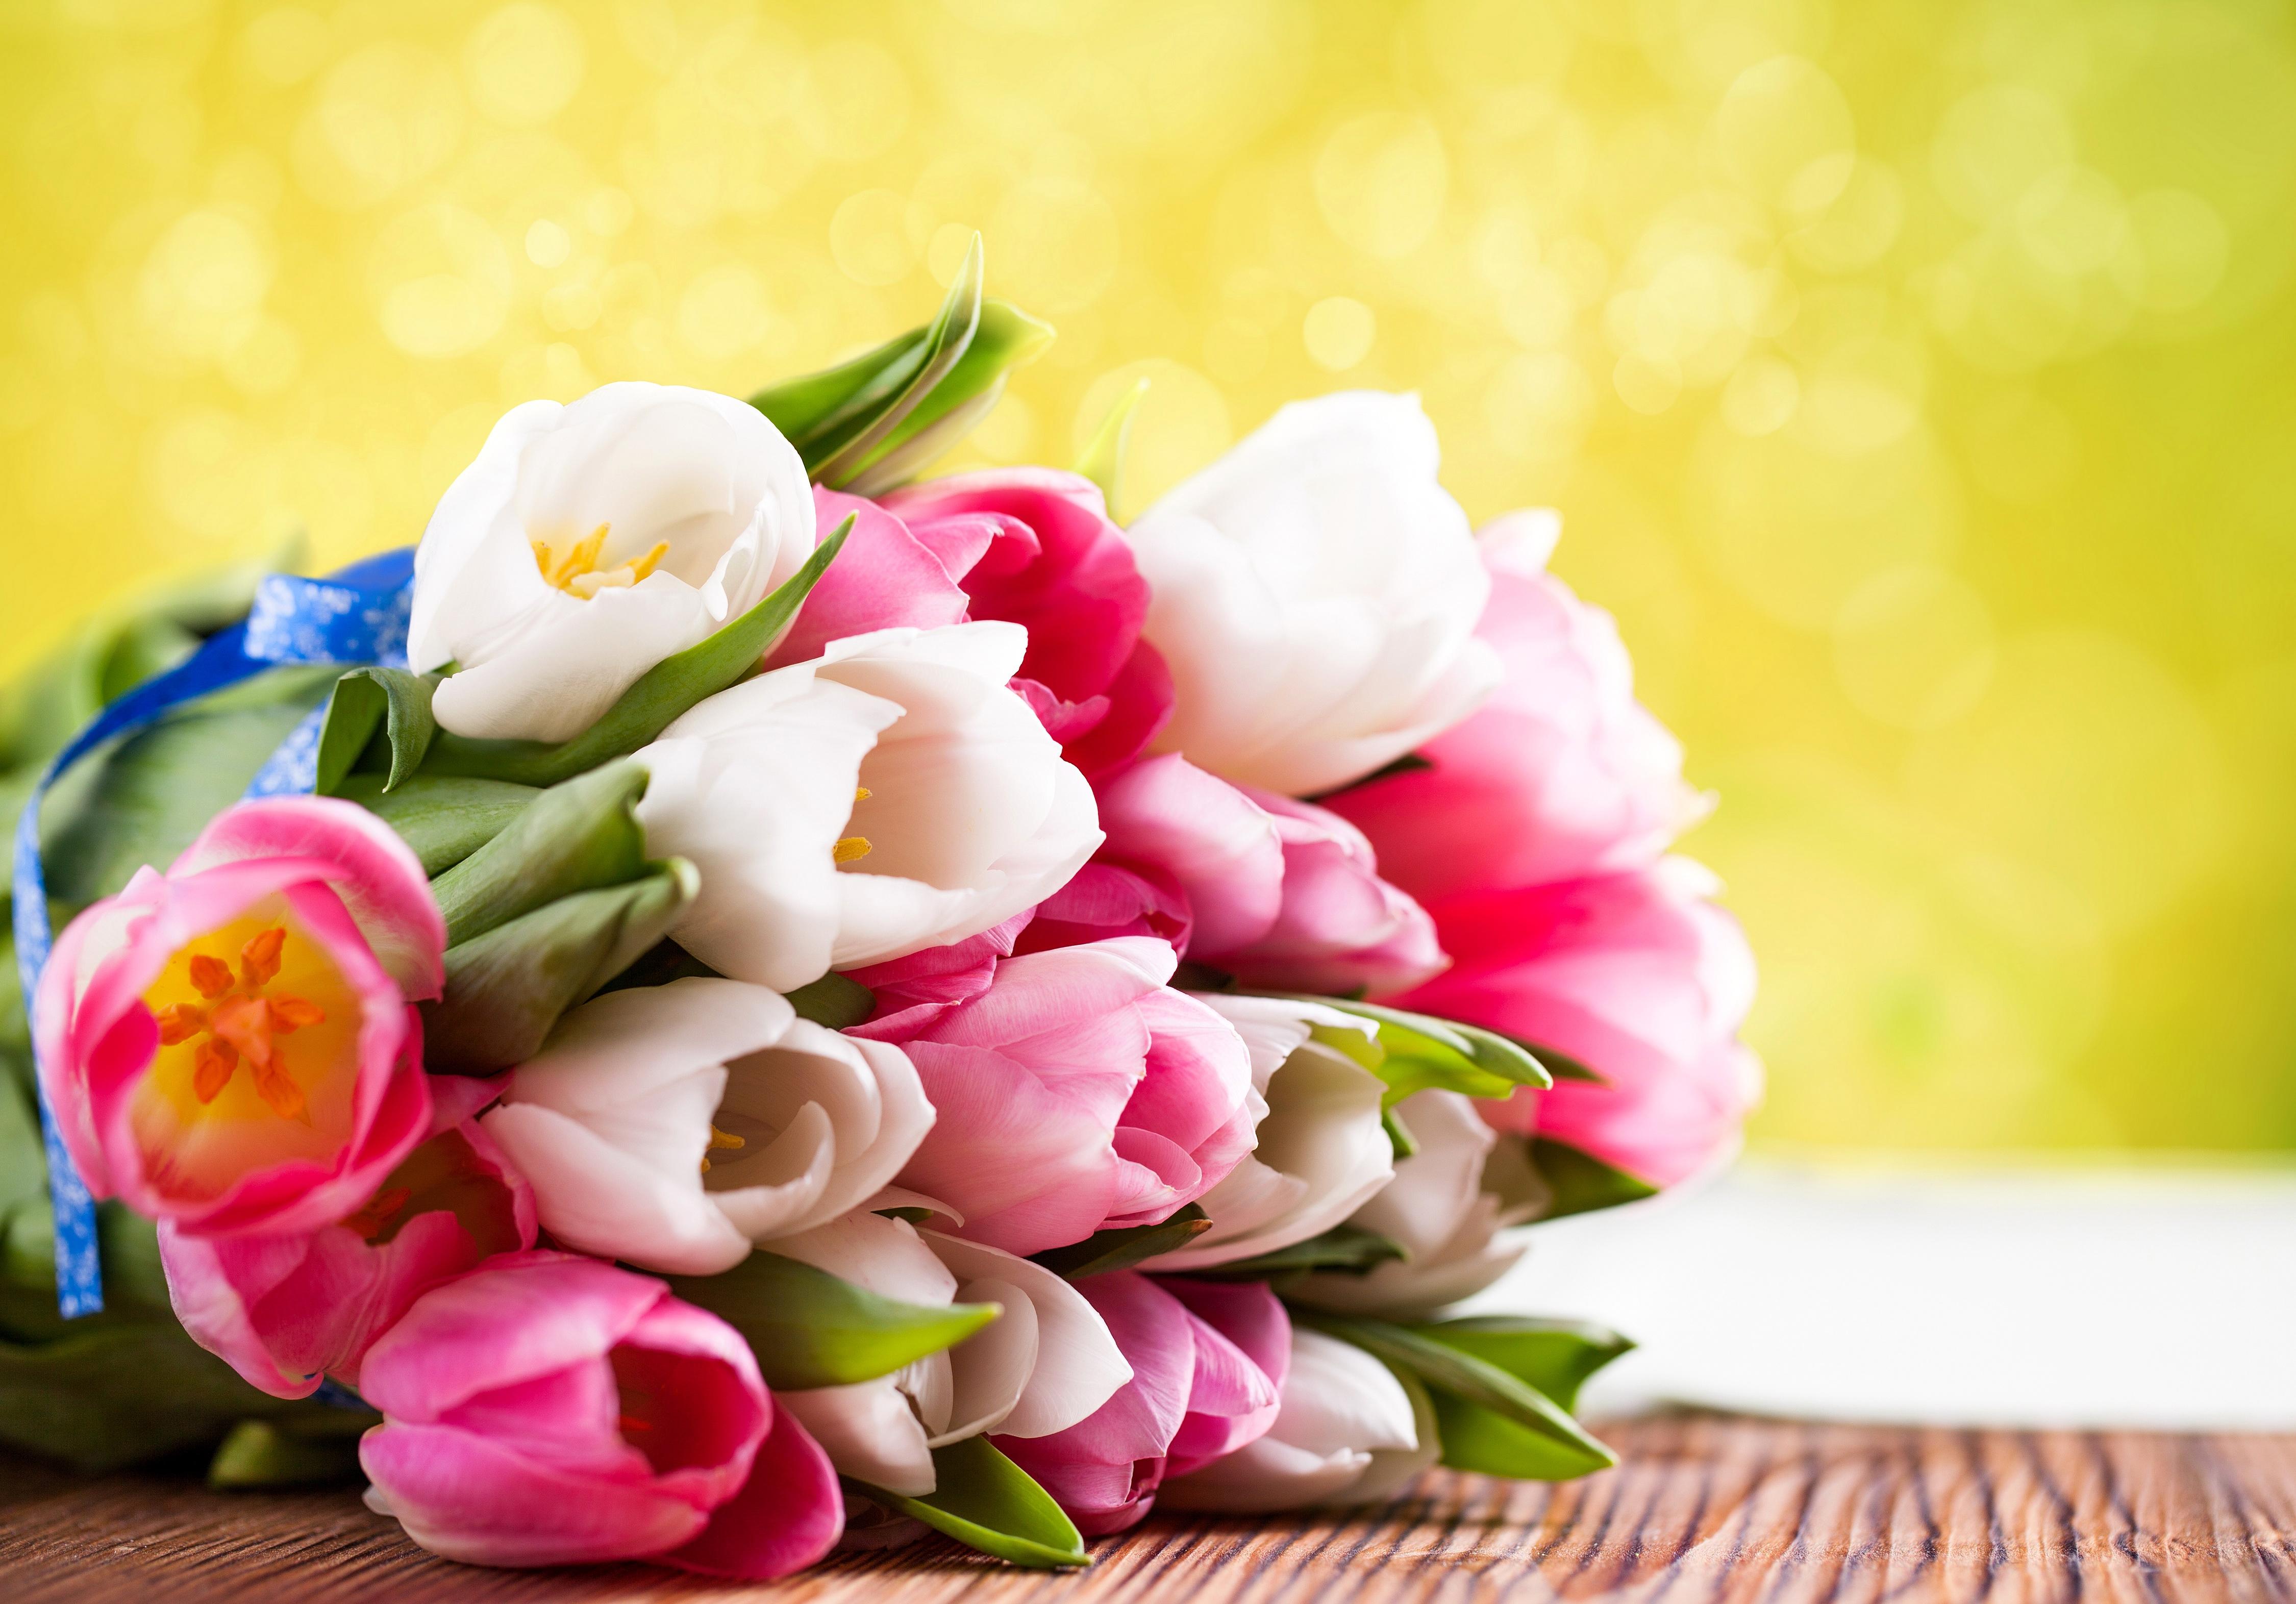 Открытки с весенними цветами фото красивые, открытки